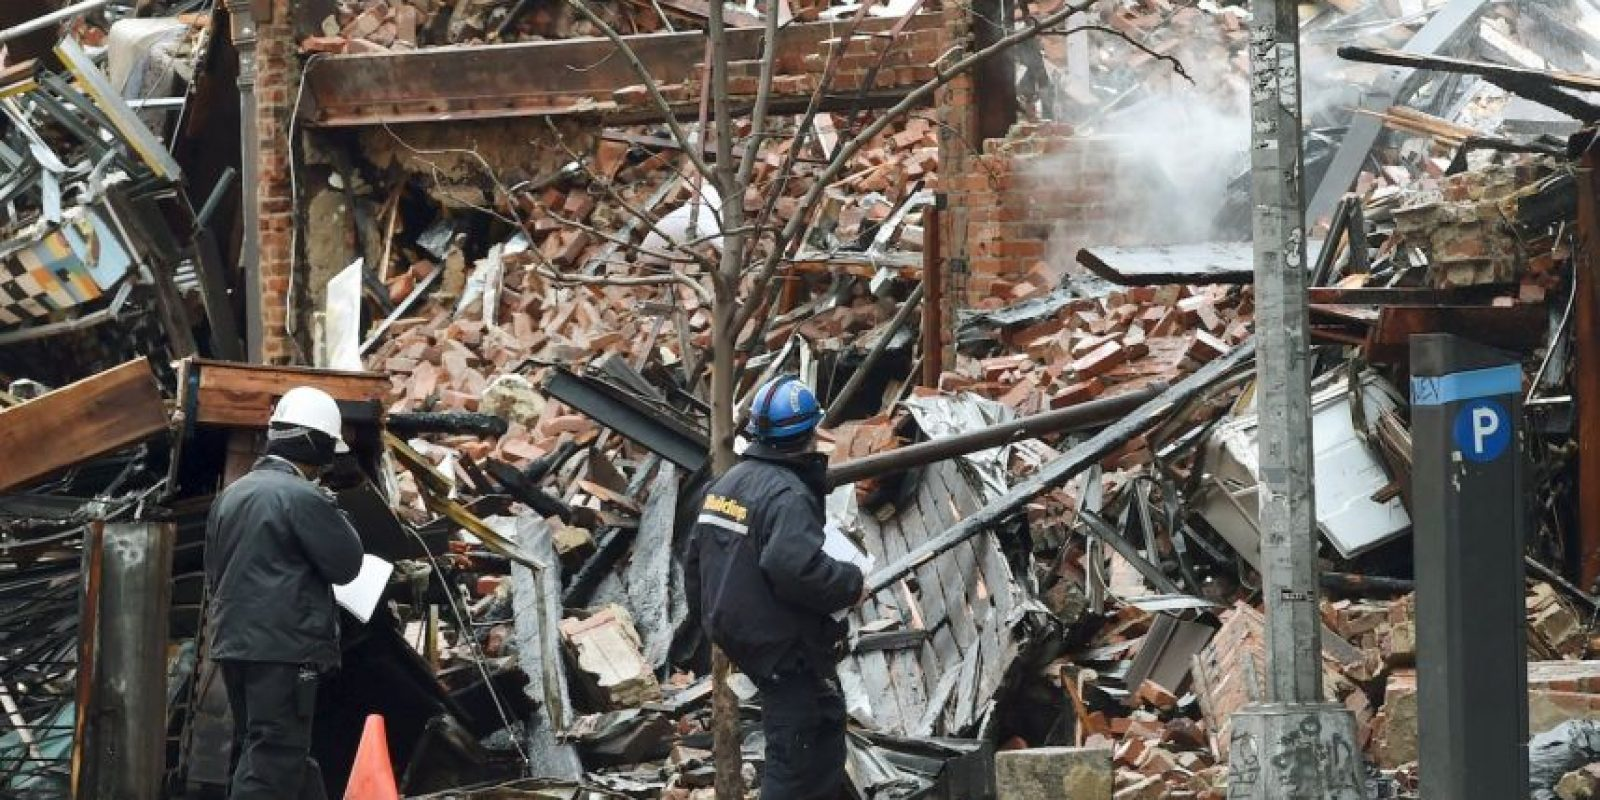 Miembros del Departamento de bomberos revisan los escombros. Foto:AFP